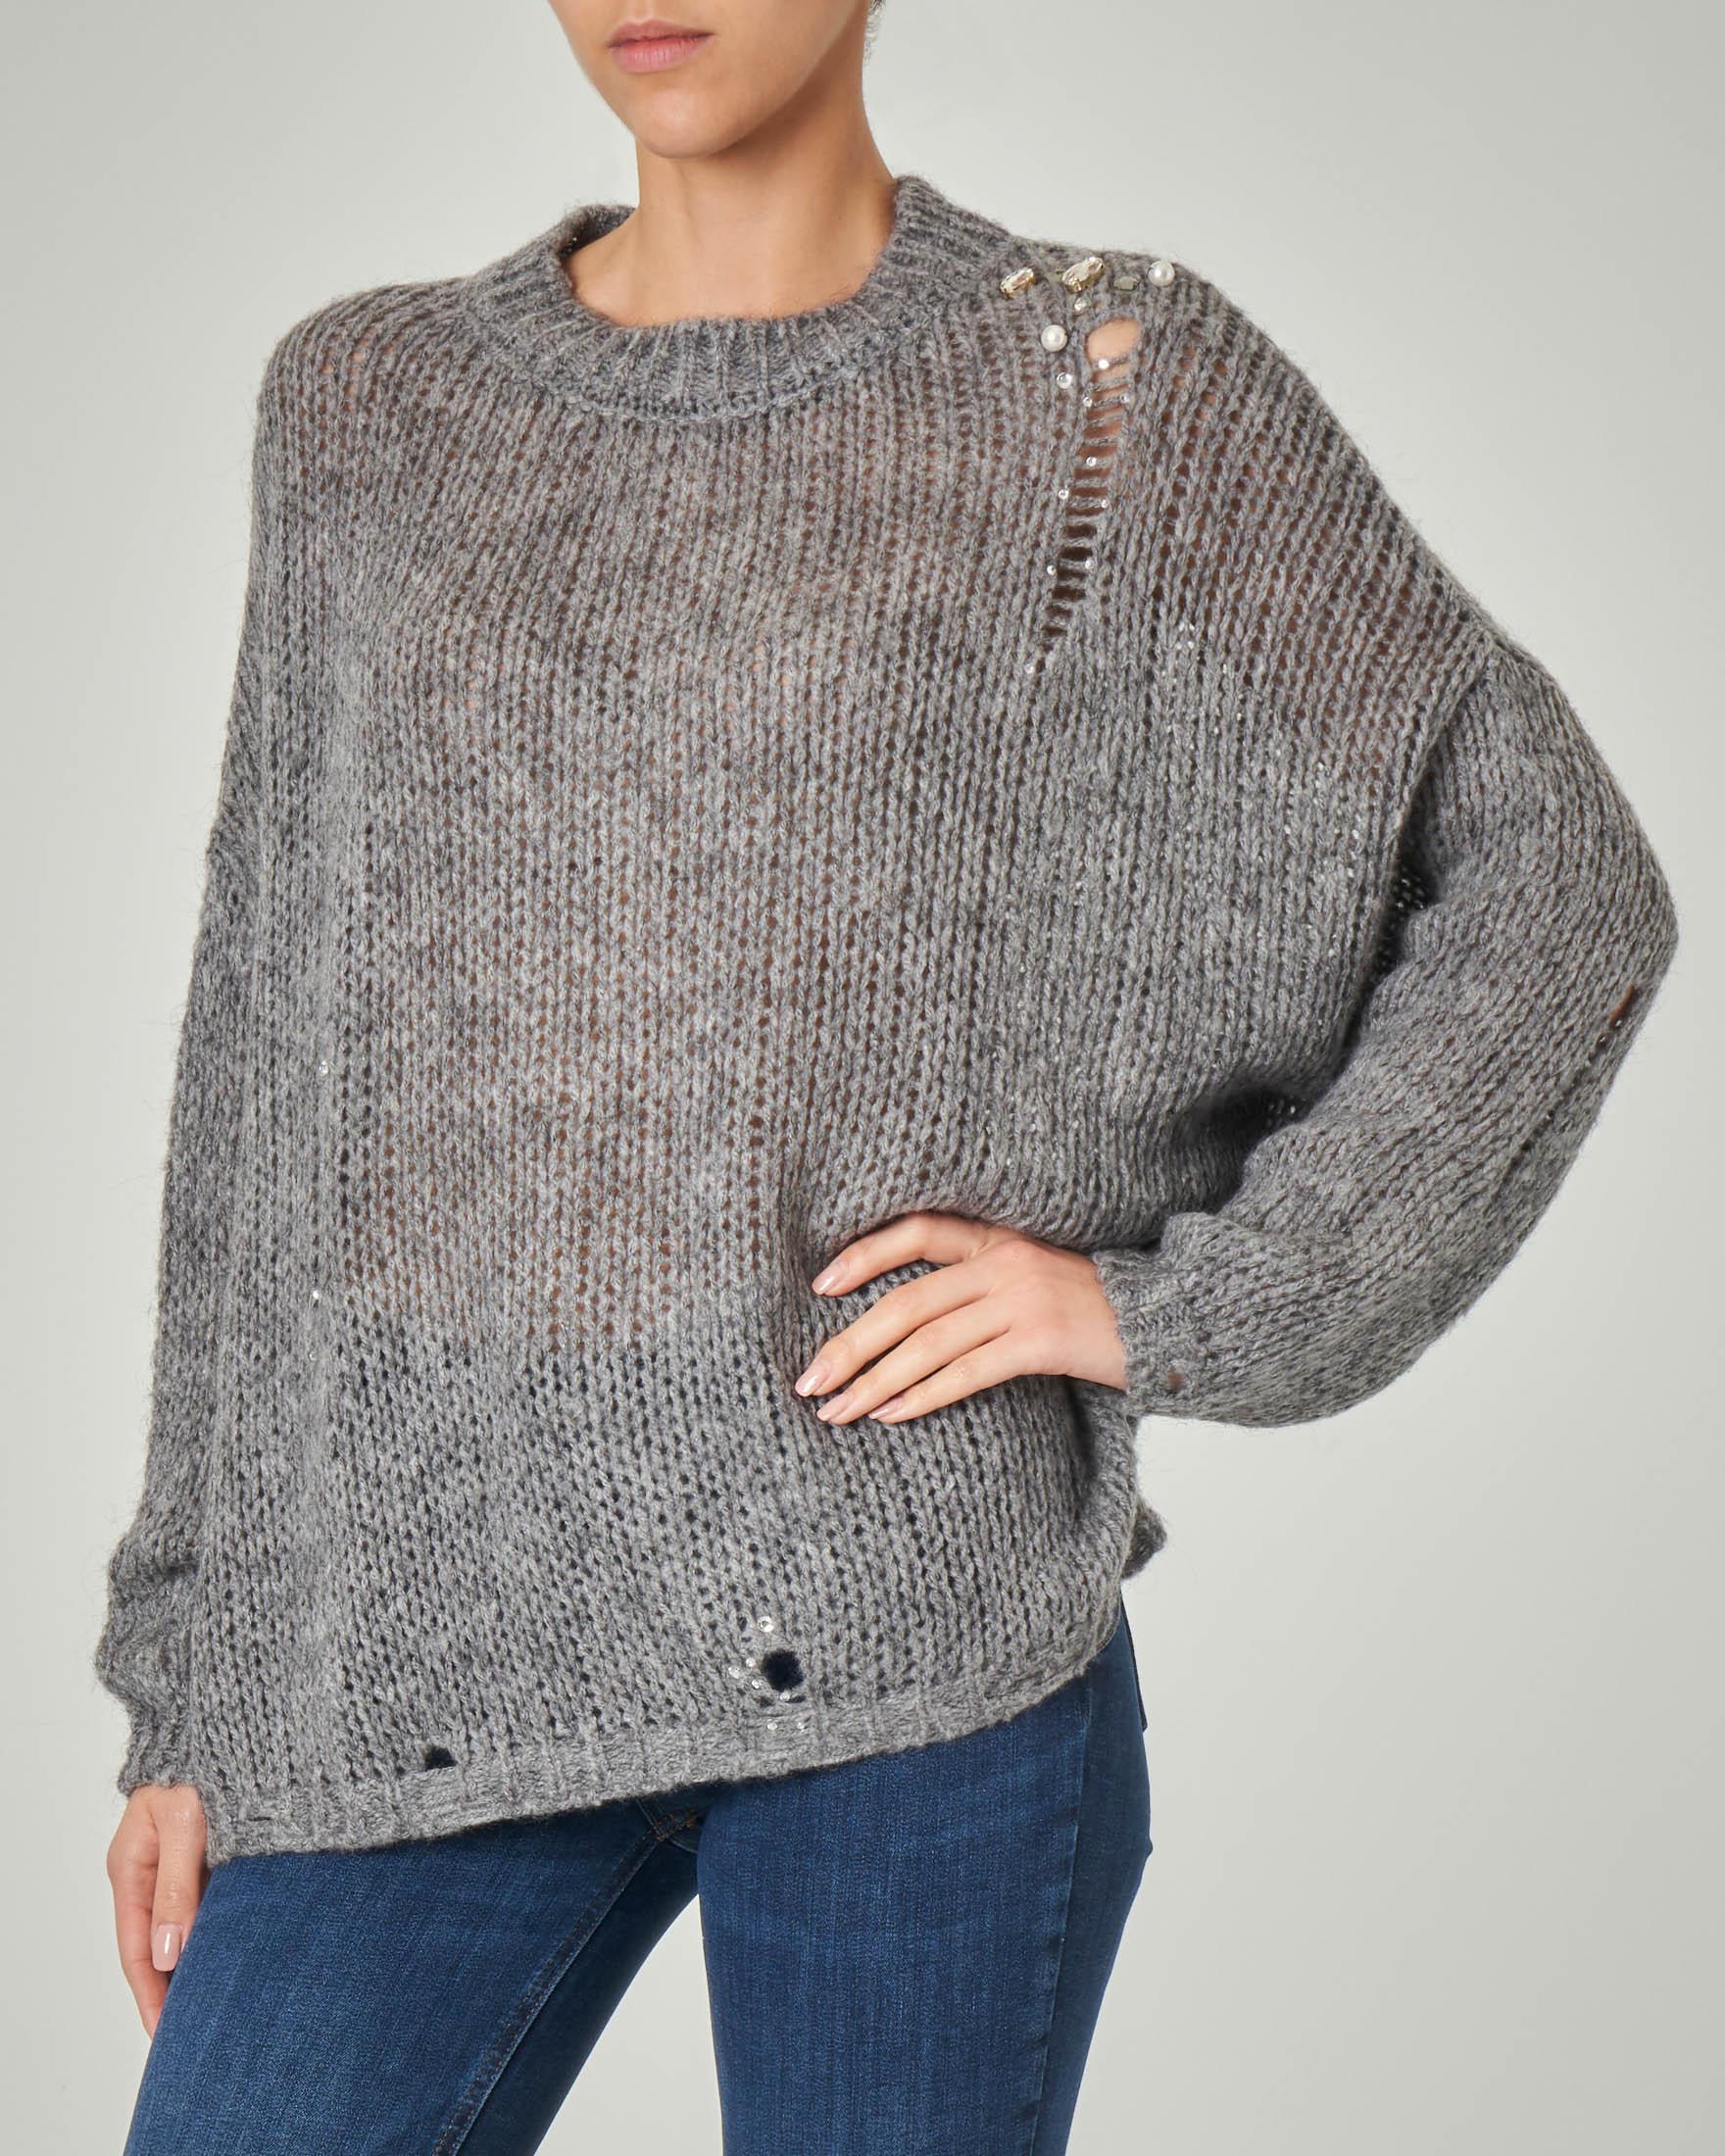 Maglia over color grigio in lana misto mohair con applicazione di pietre e lavorazione traforata